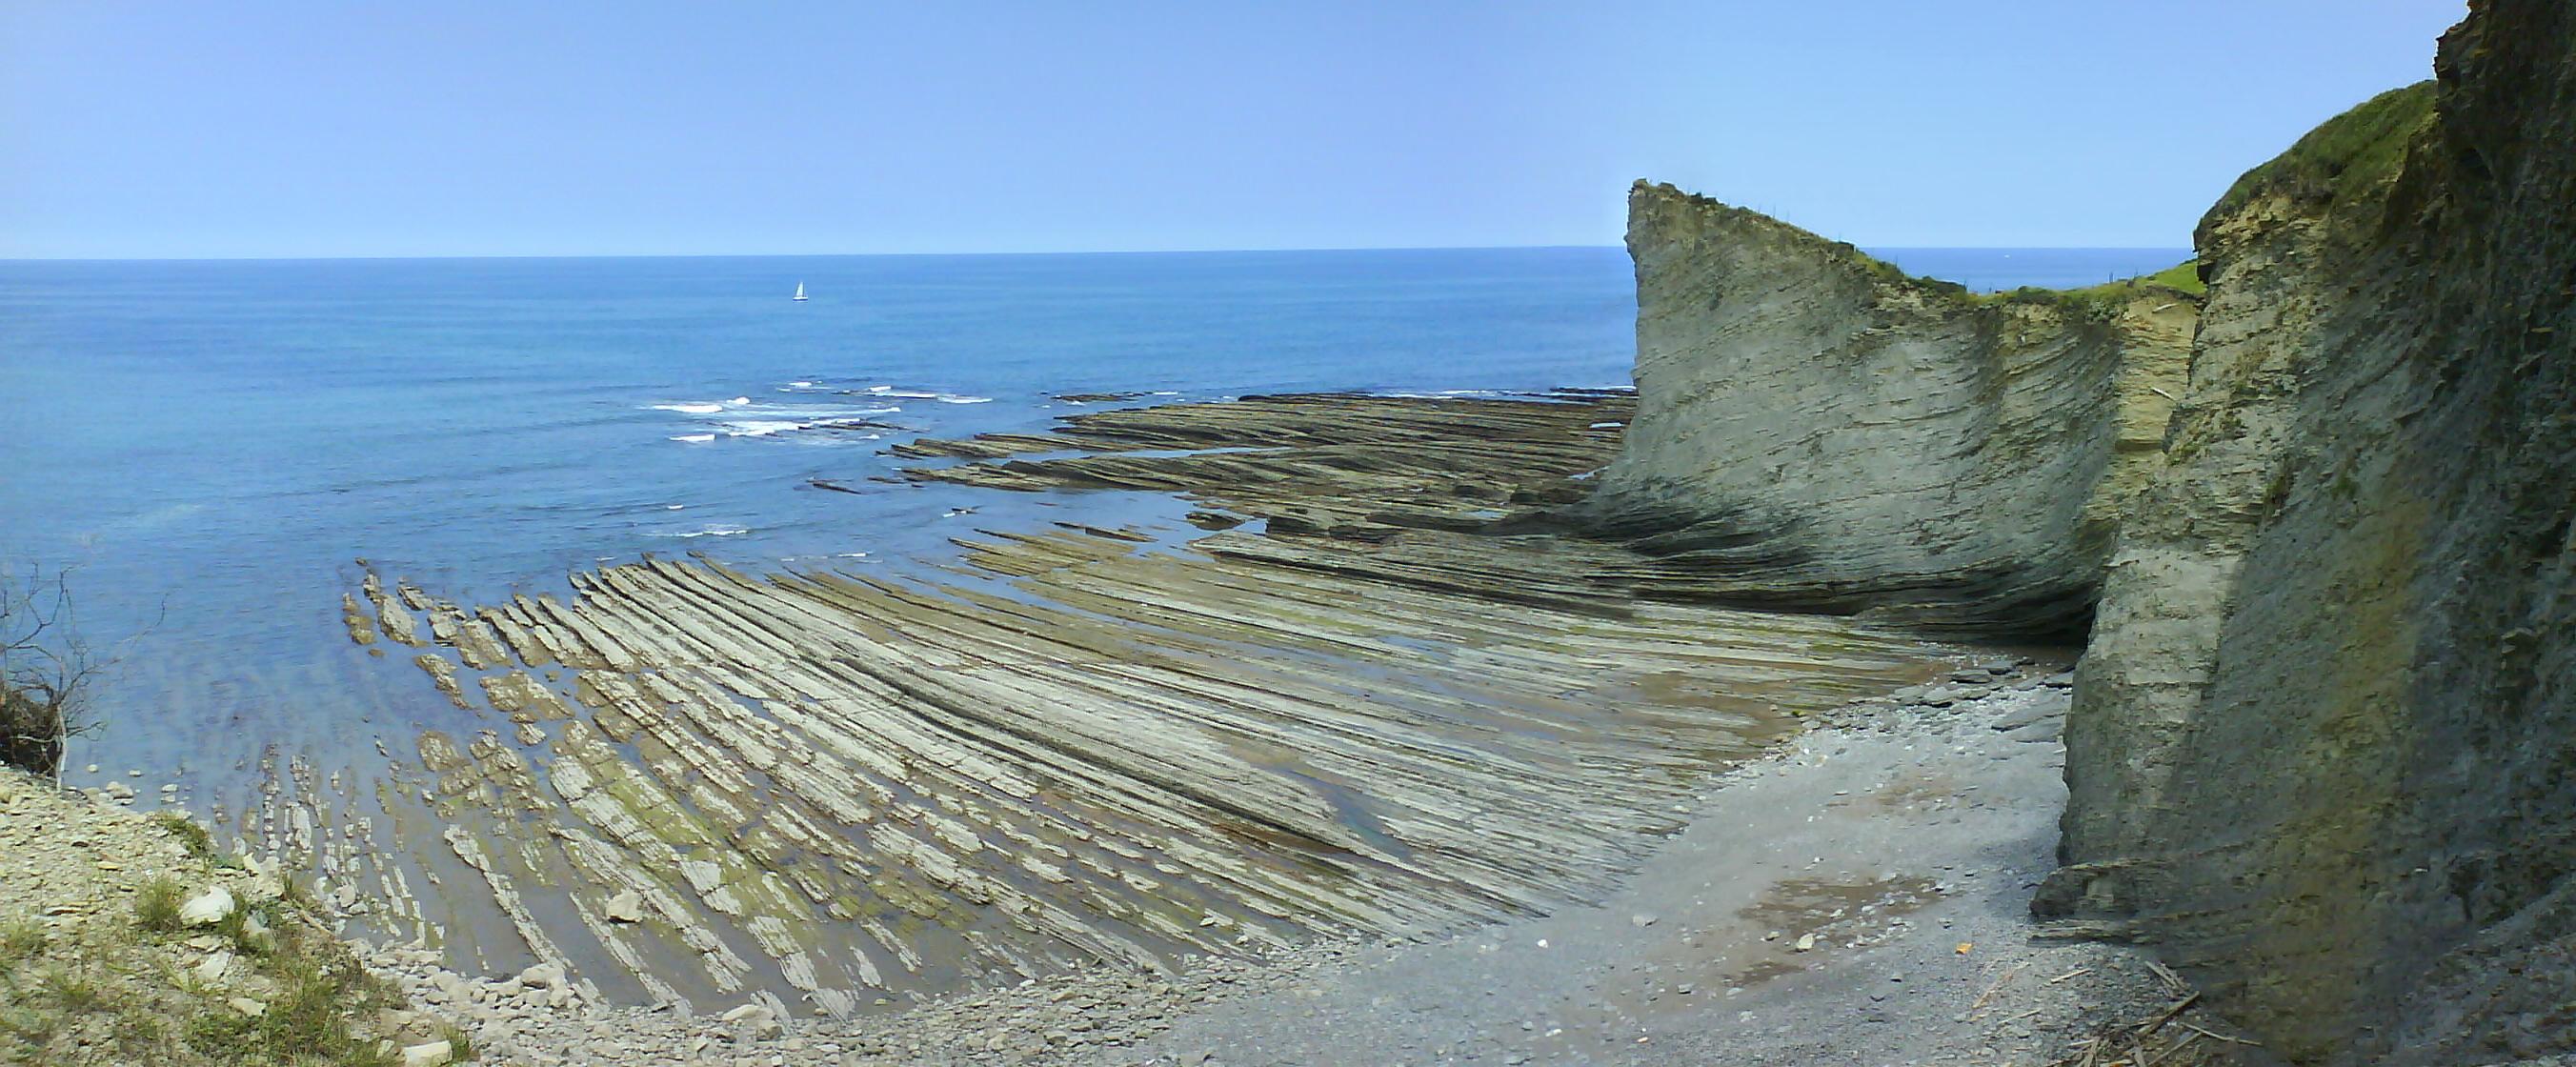 Foto playa Murgita / Illurgita. Rasa mareal de mendata